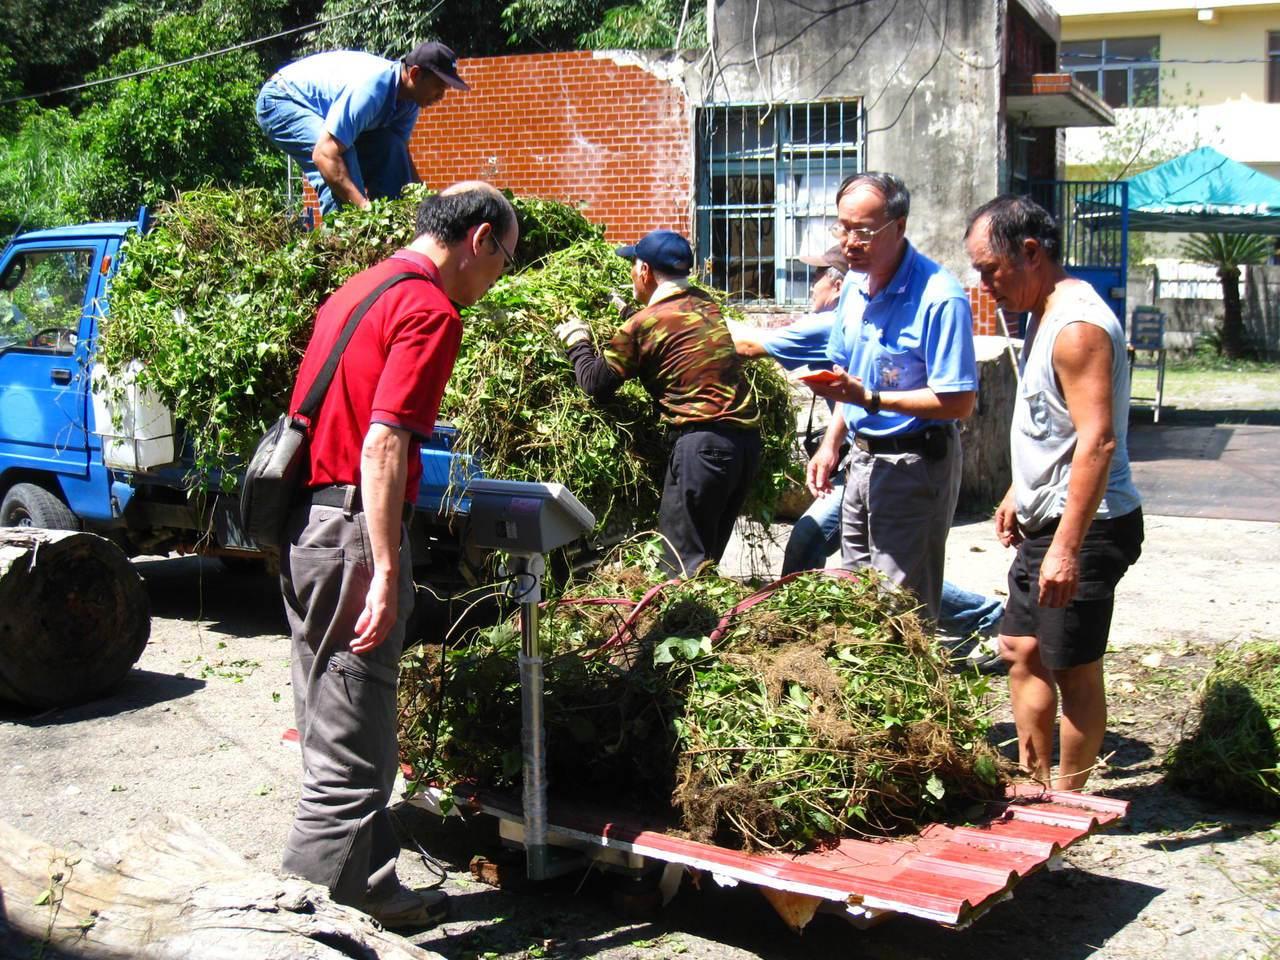 民眾將小花蔓澤蘭繳交至南投林管處收購點進行秤重。圖/南投林管處提供